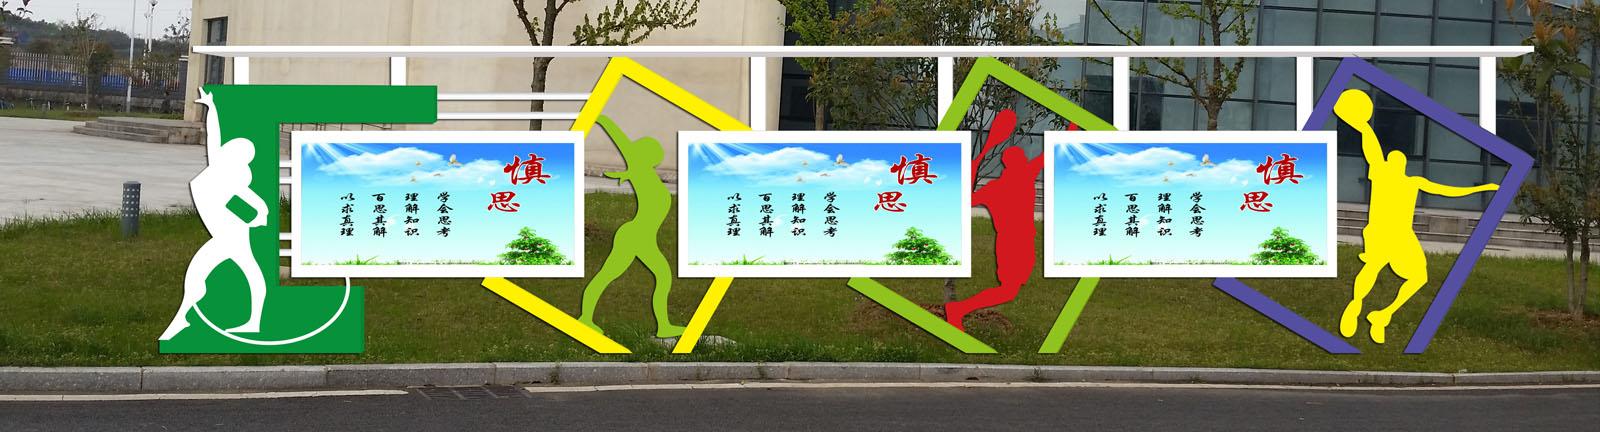 阜阳公交候车亭